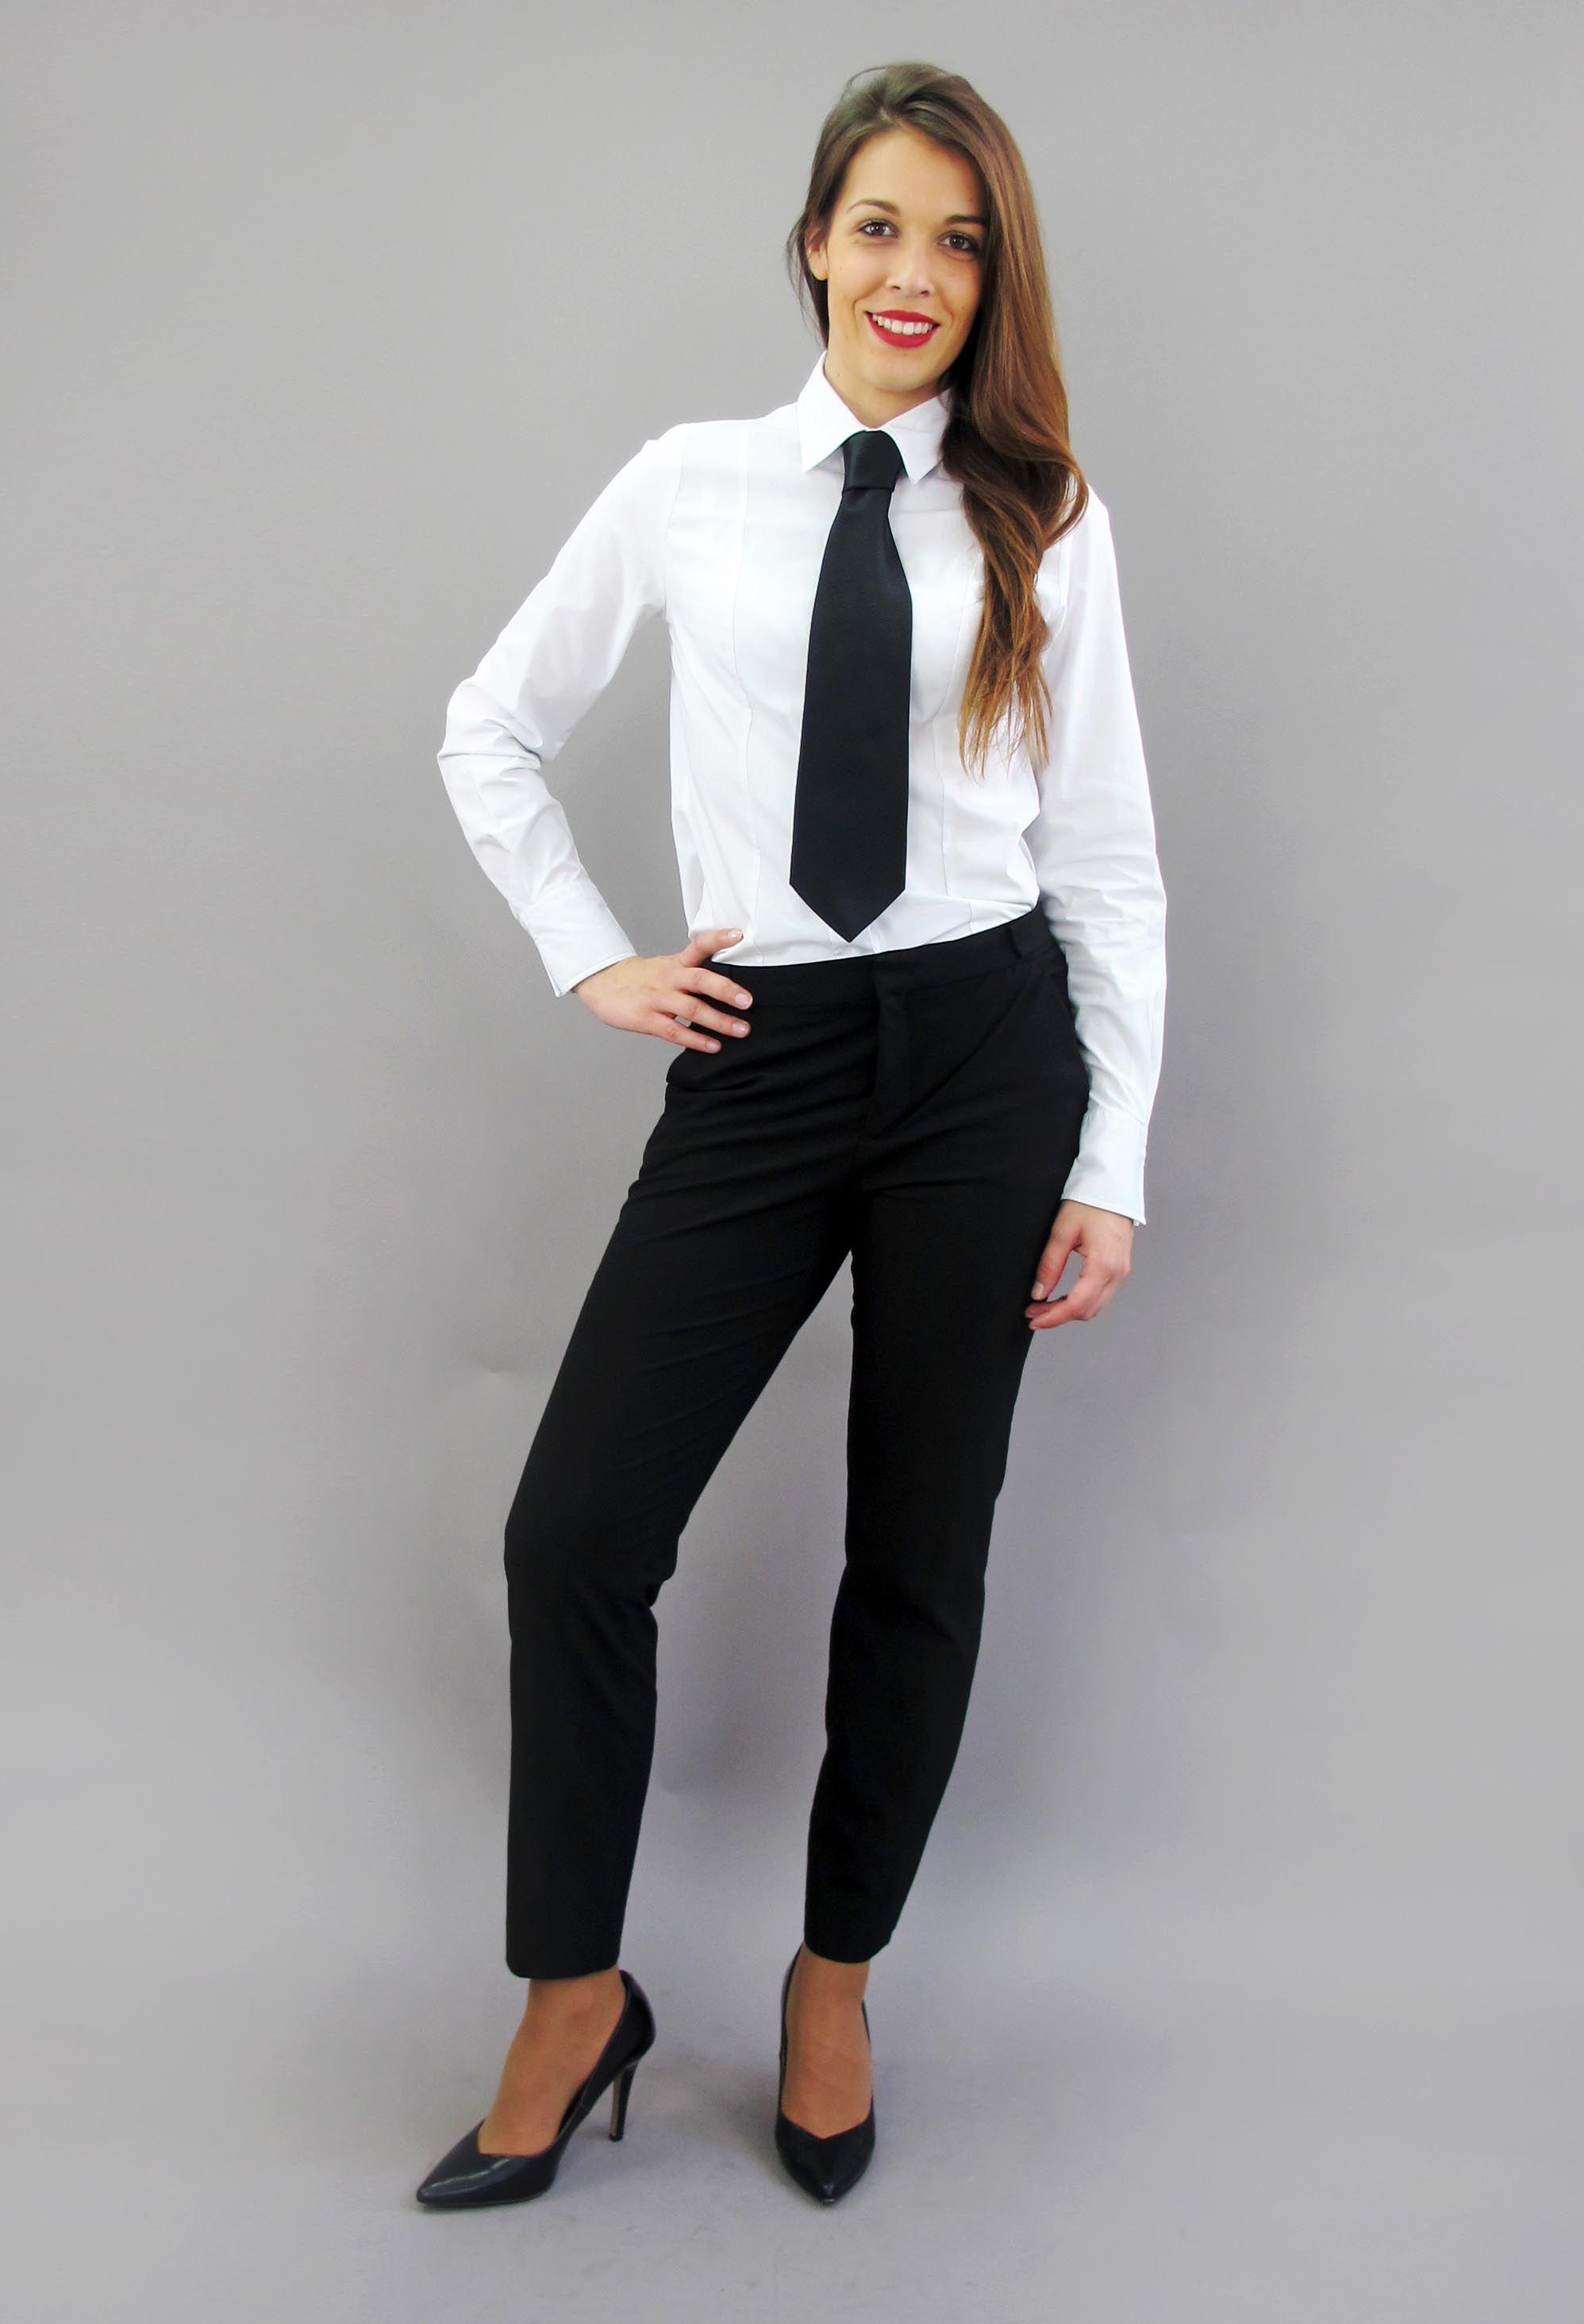 Women Wearing Ties Formal Wear Women Women Office Outfits [ 2928 x 1996 Pixel ]